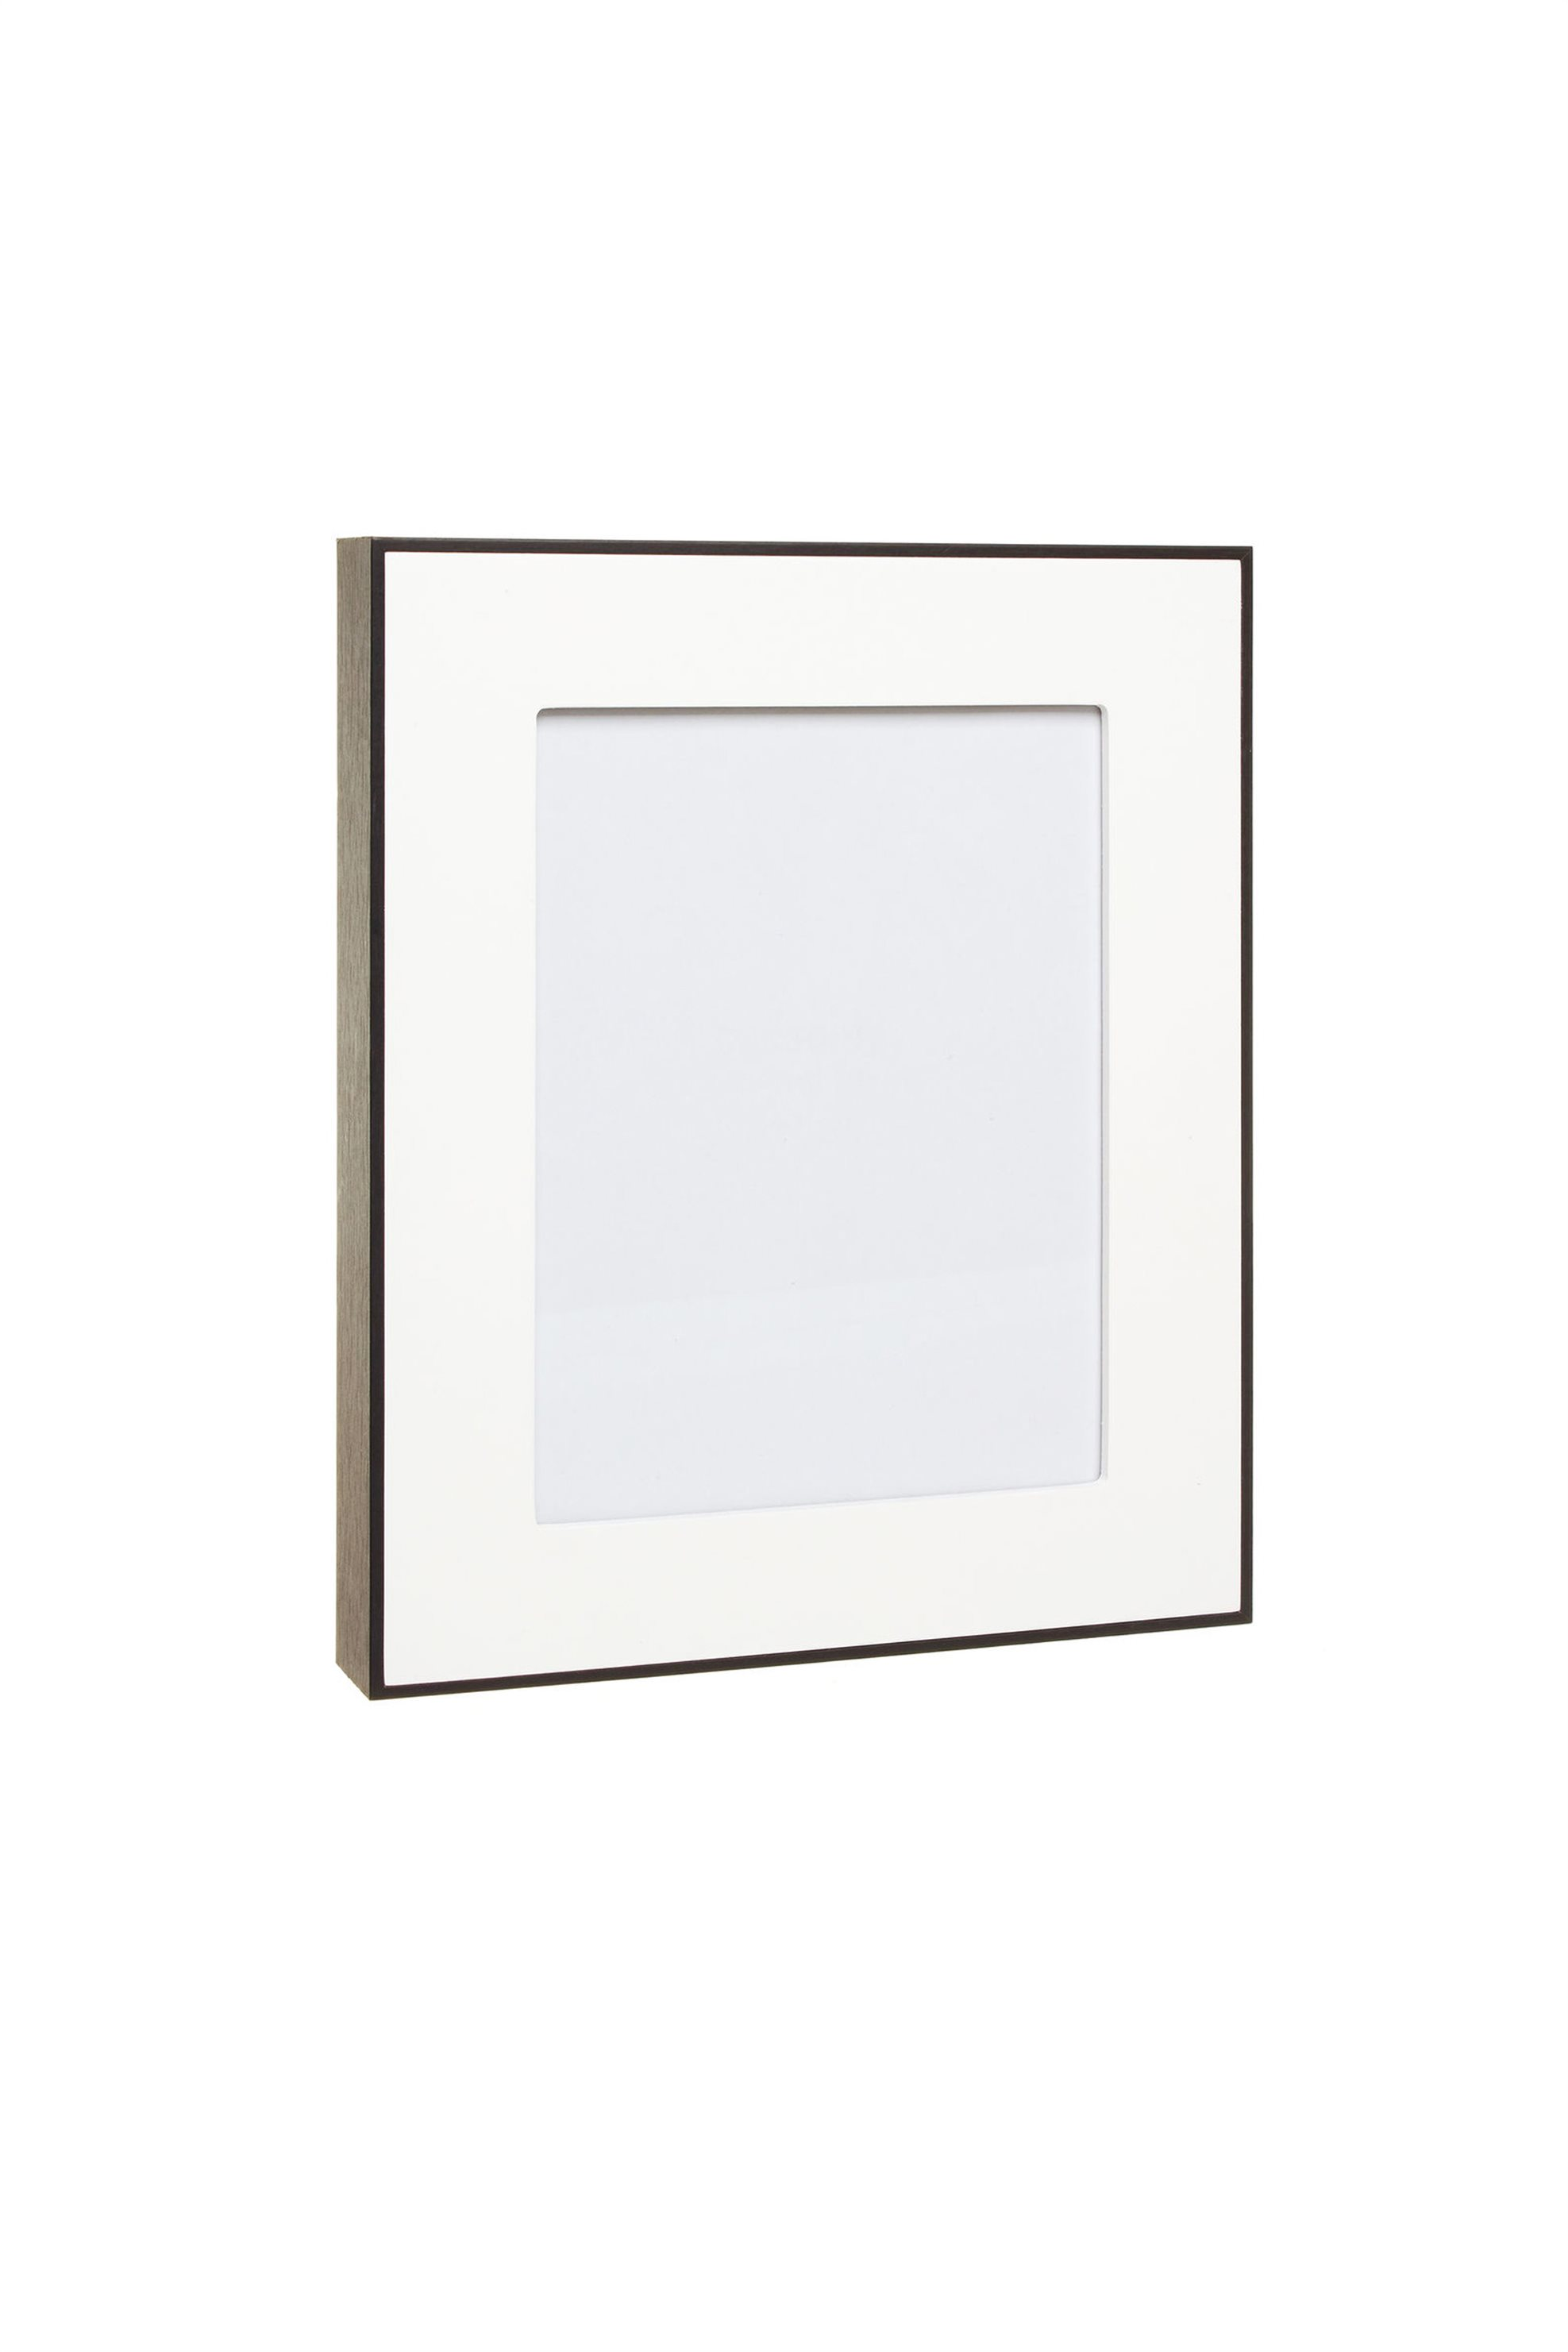 Κορνίζα με ξύλινο πλαίσιο 9x14 Coincasa - 005621188 - Λευκό home   σαλονι   κορνίζες